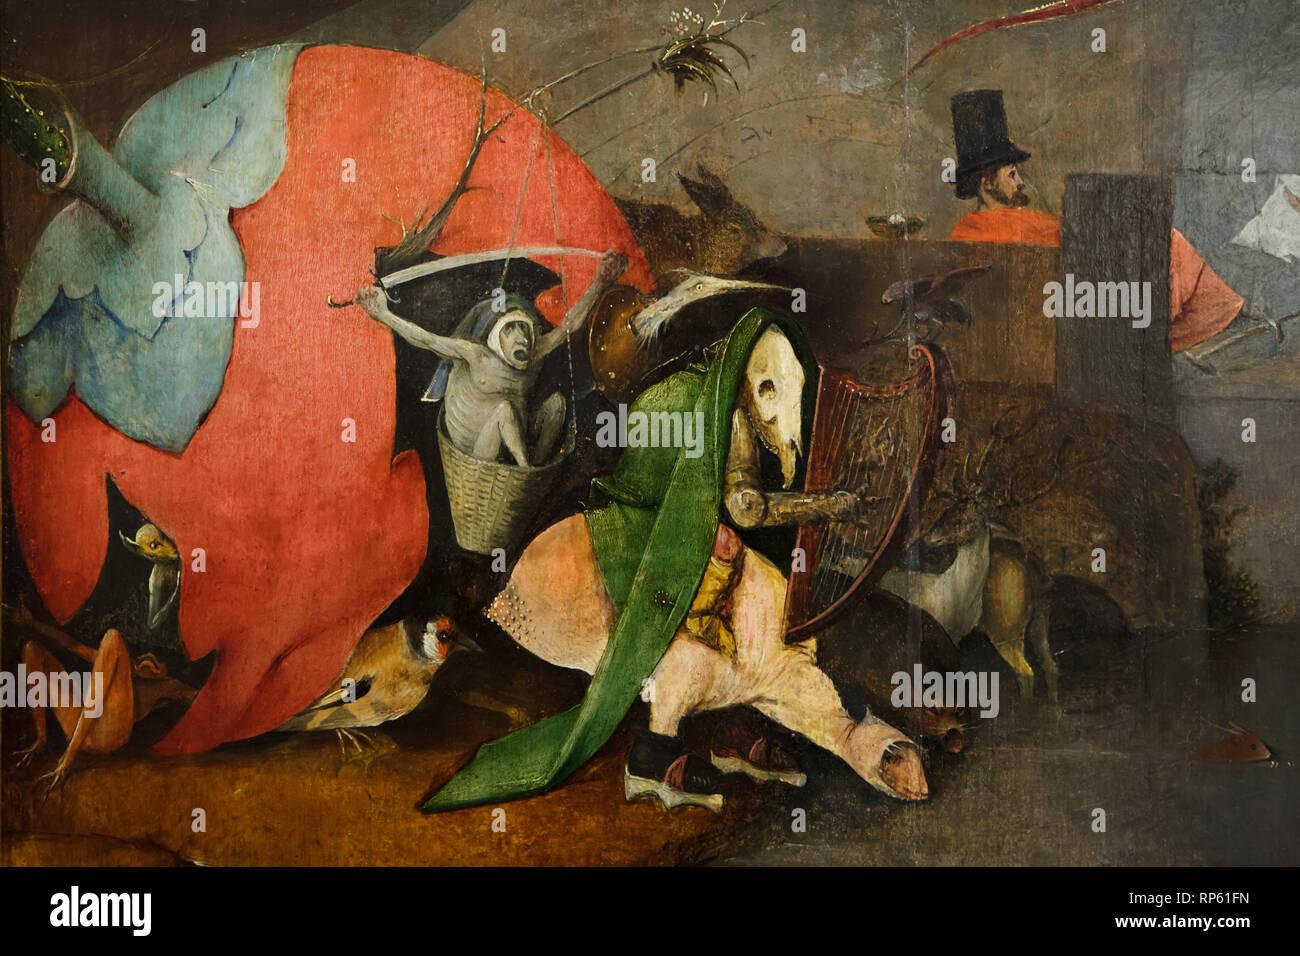 """Détail de l'autel le triptyque """"La Tentation de Saint Antoine"""" par Dutch peintre Jérôme Bosch (1490-1500) sur l'affichage dans le Musée National d'Art Ancien (Museu Nacional de Arte Antiga) à Lisbonne, Portugal. Photo Stock"""